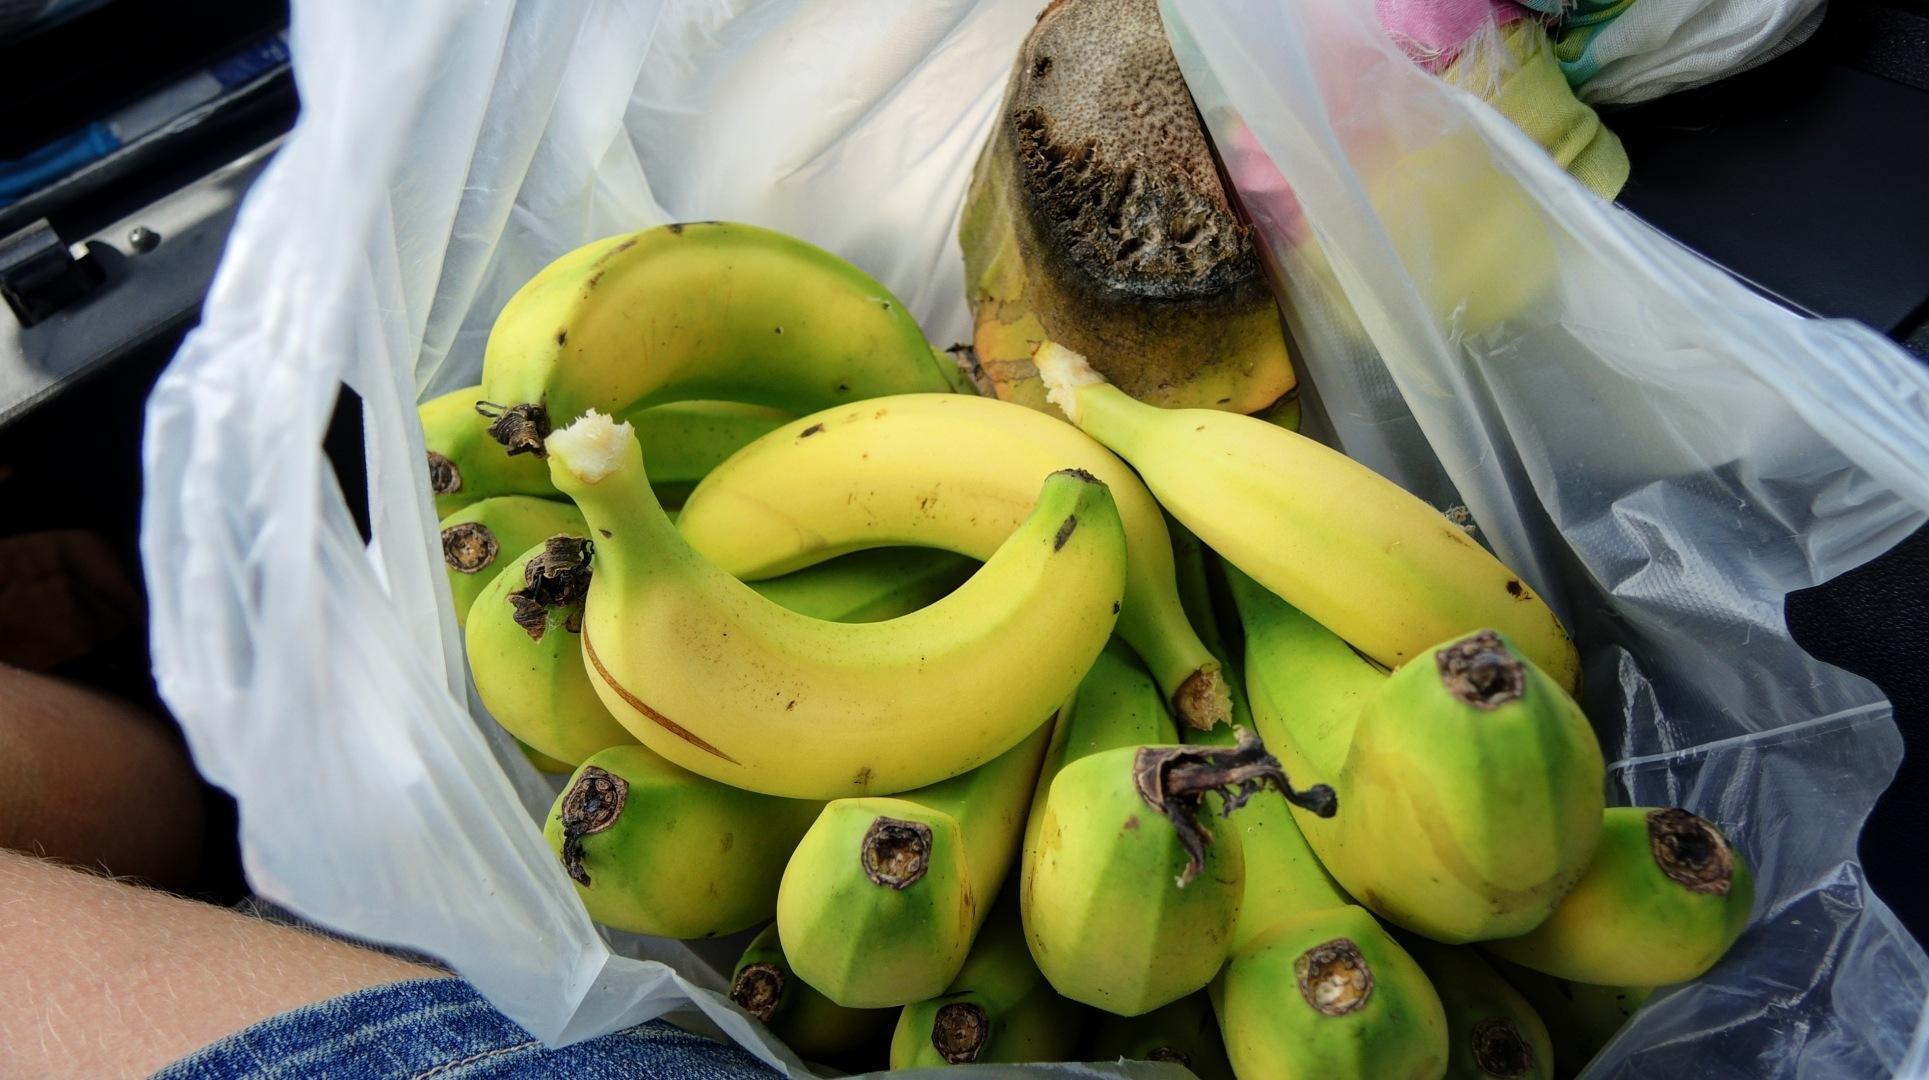 Бананы с дерева. Не вкусные